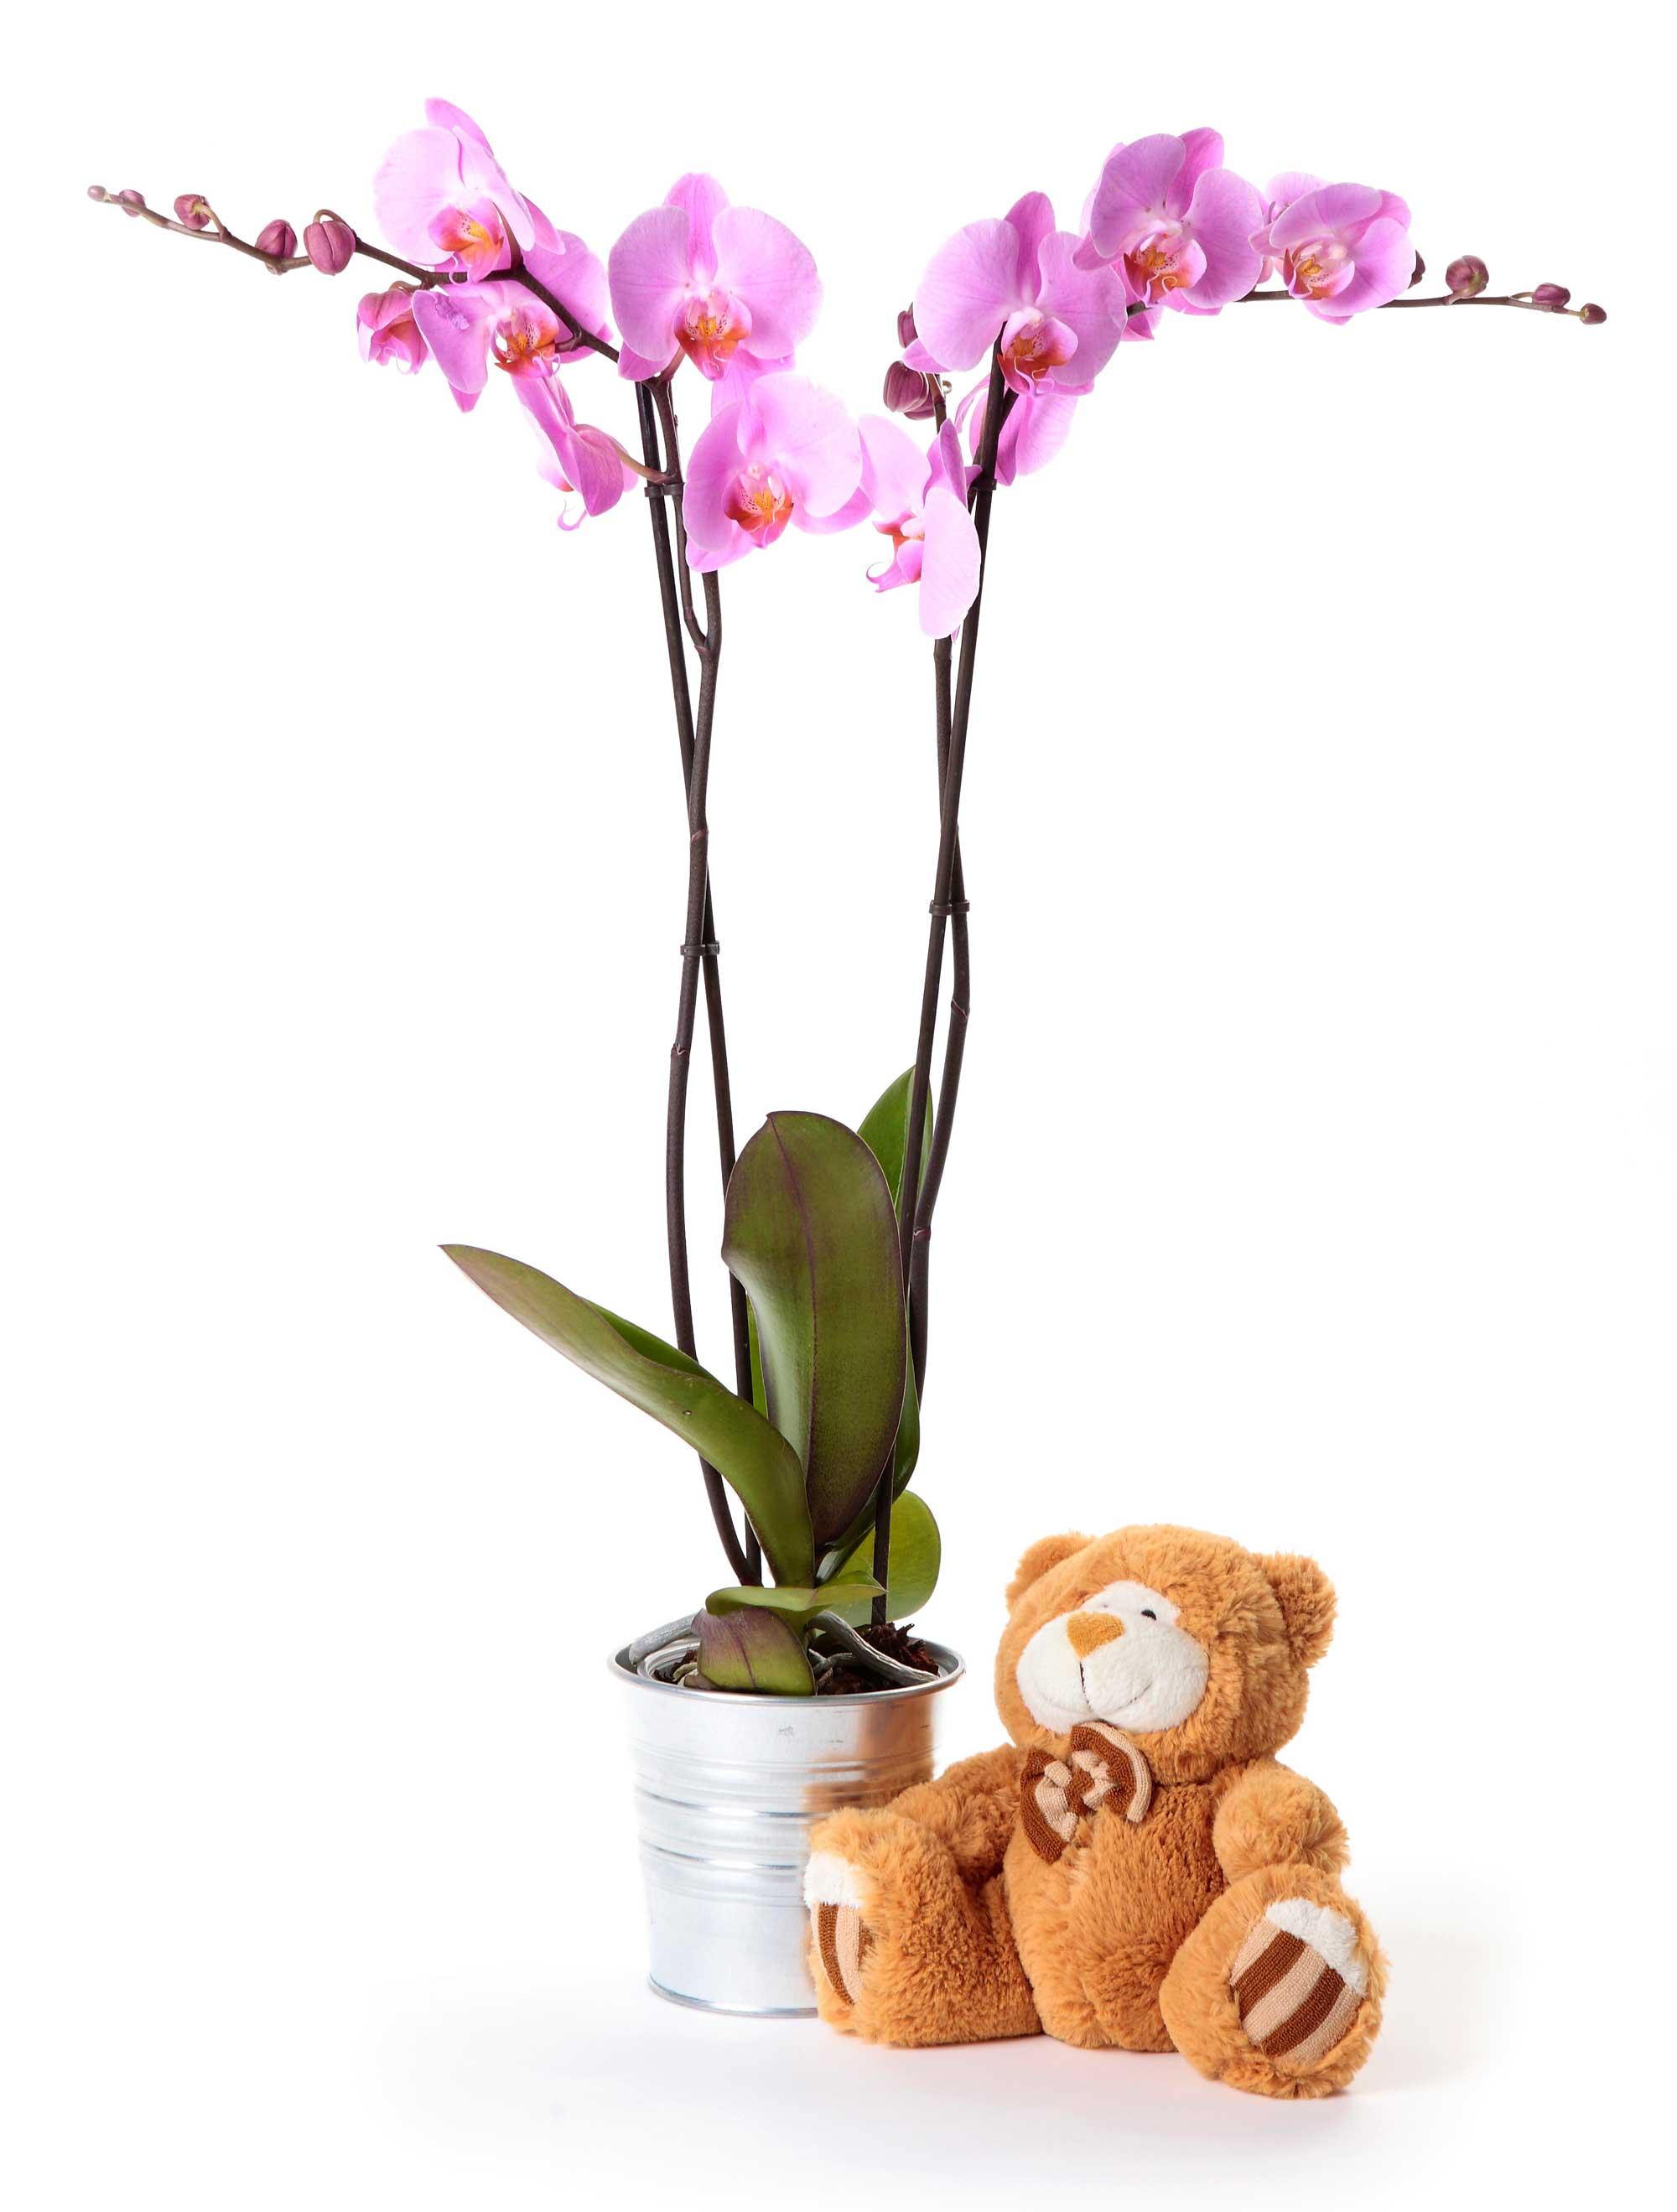 Planta orquidea de 2 varas regalo flores para celebrar - Tiestos para orquideas ...